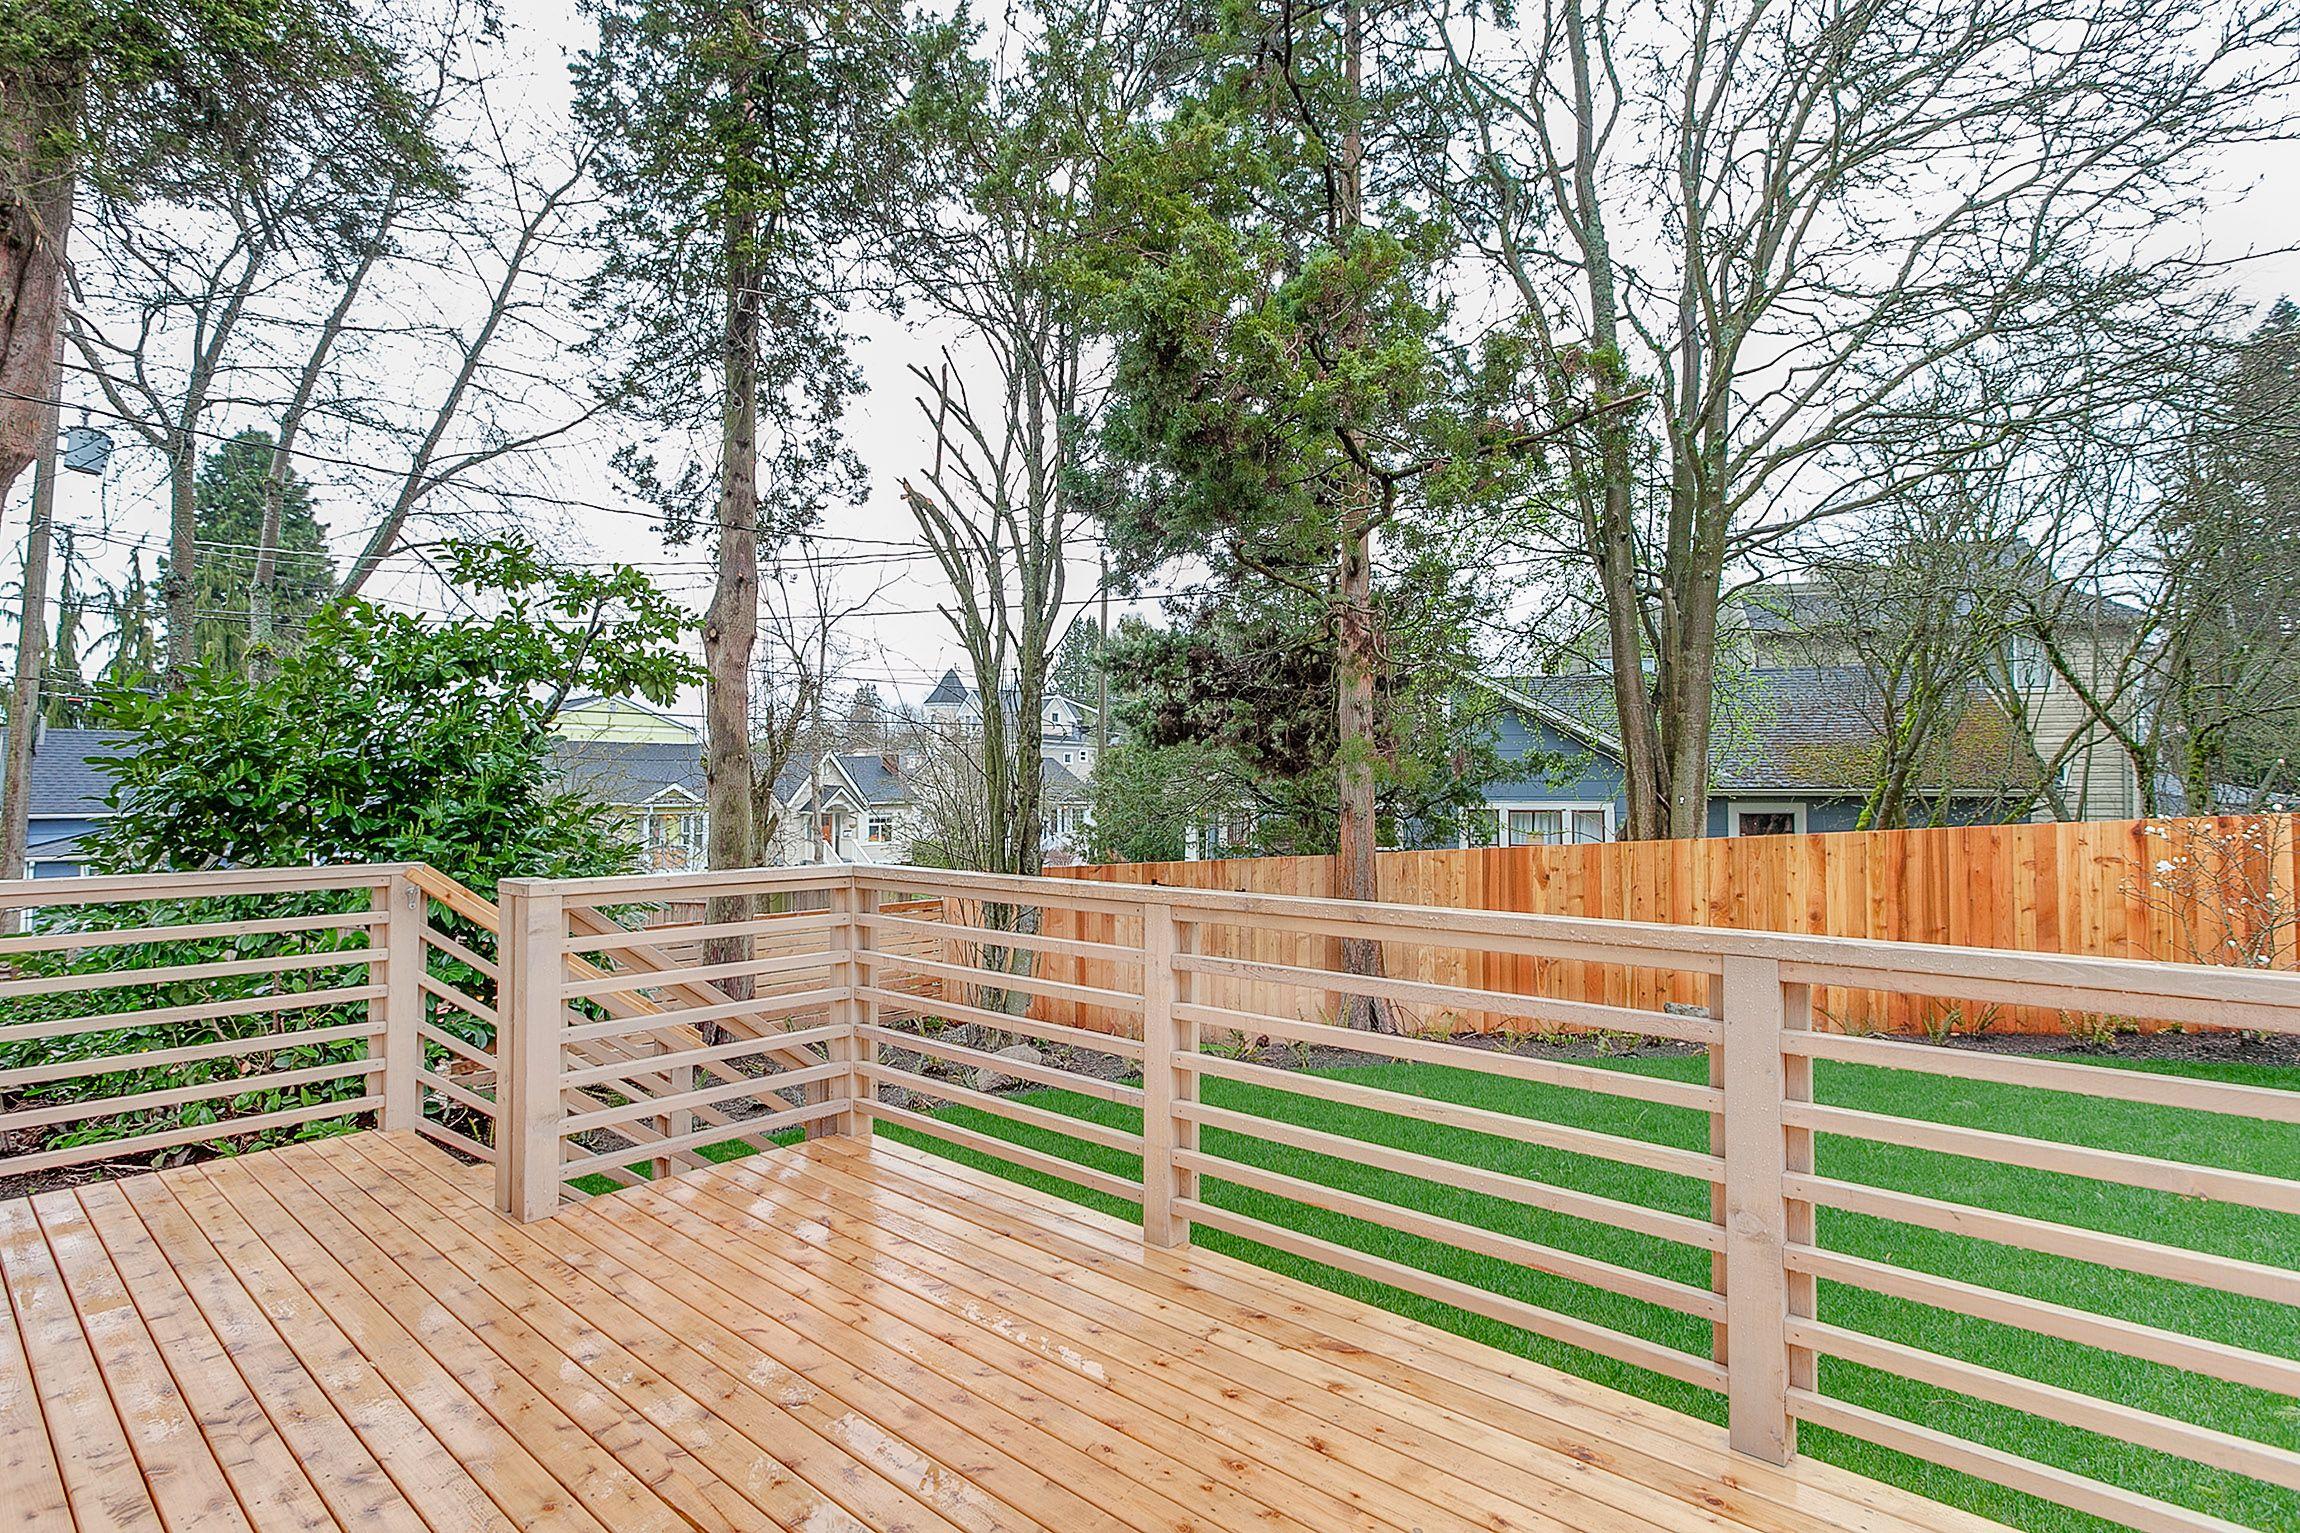 MERGE | Build Urban | Outdoor living space, Outdoor living ... on Urban Living Outdoor id=59785